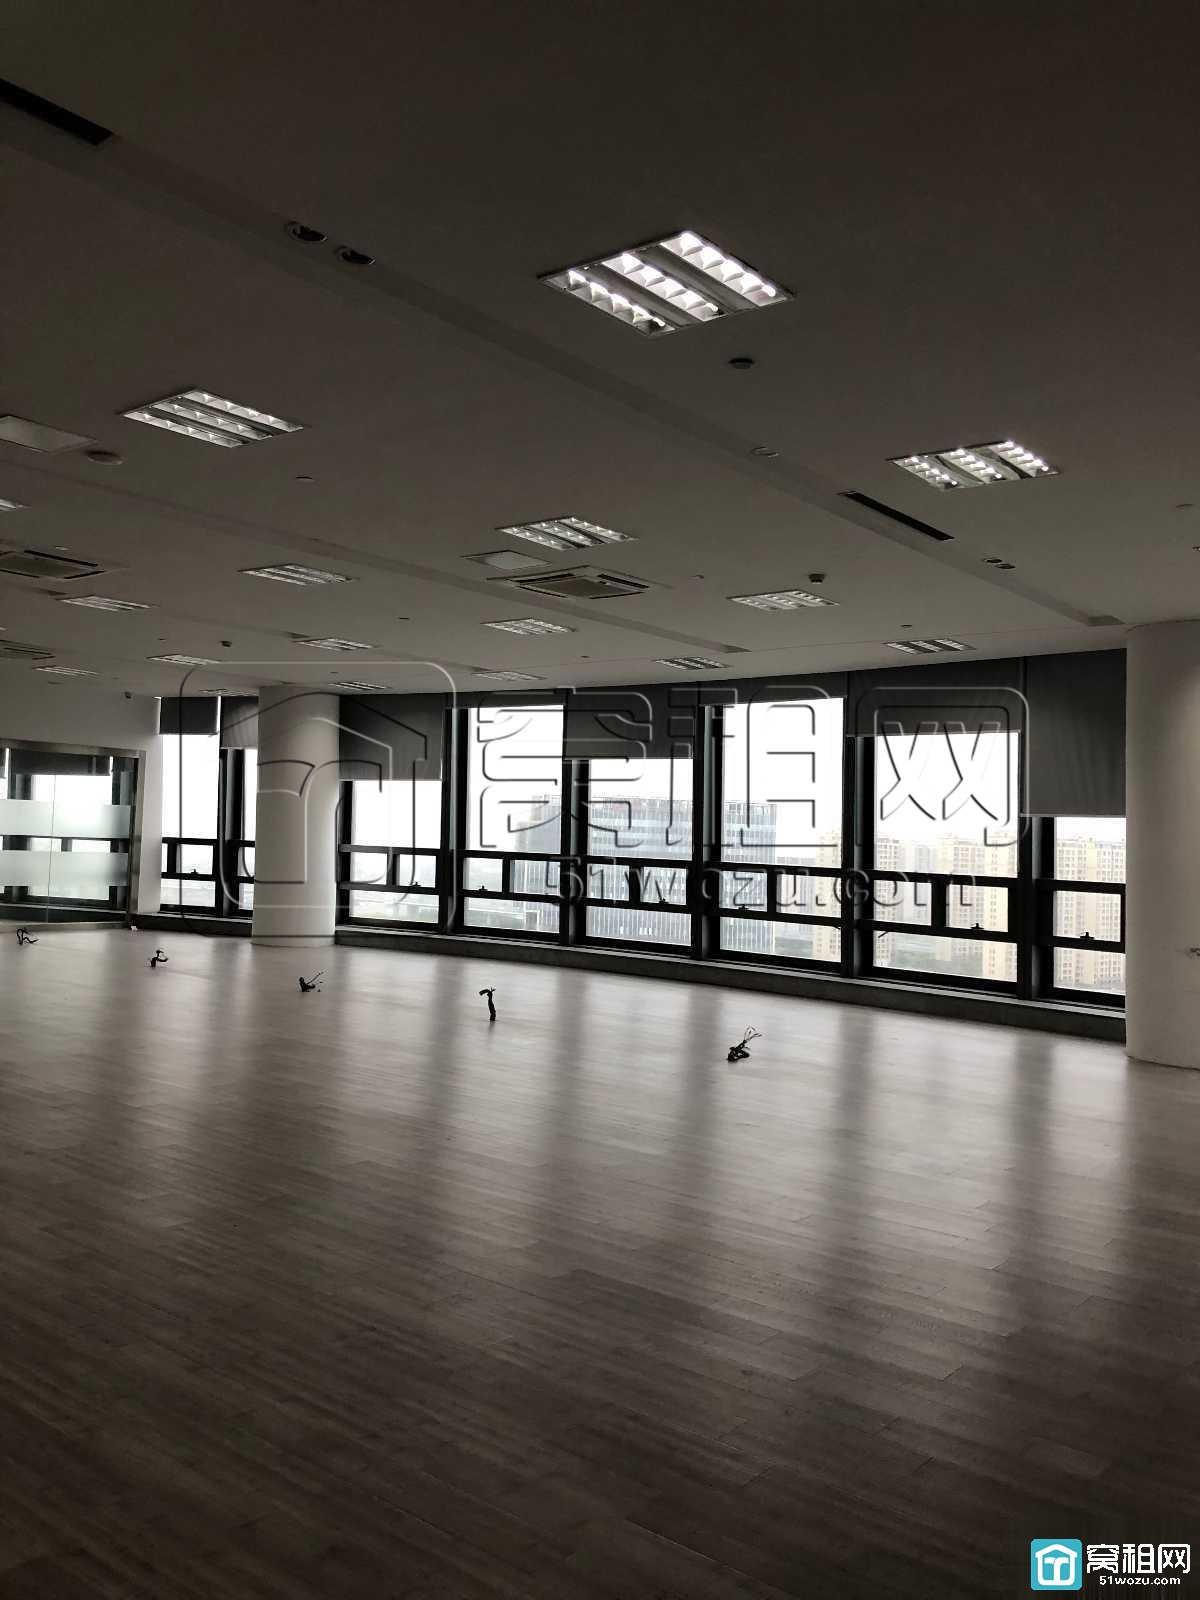 出租鄞州东胜街道5A纯写字楼财富中心大厦600平米